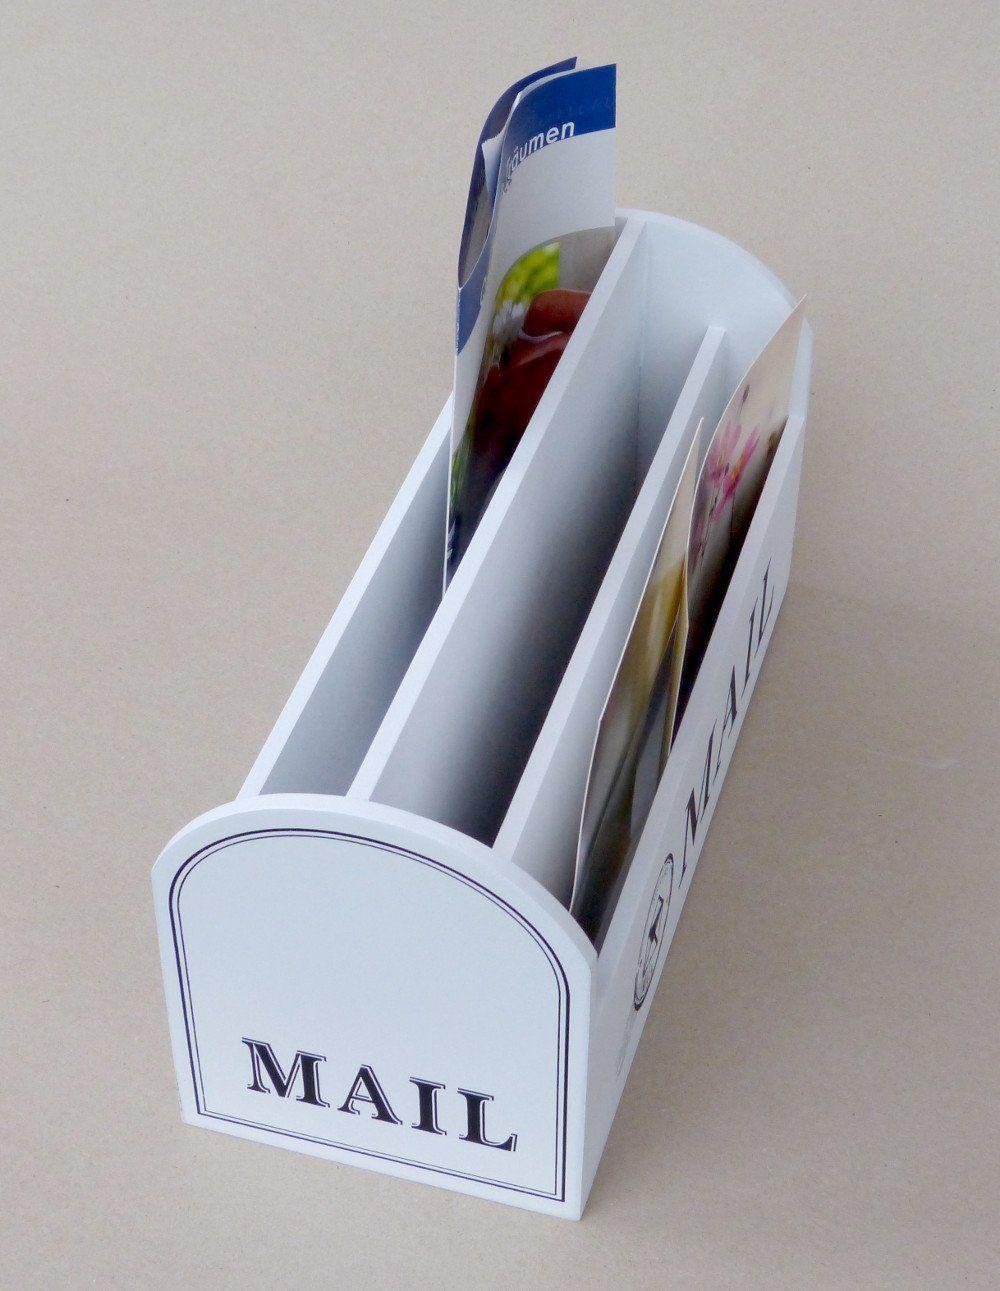 briefablage organizer postbox mit 3 f chern im mailbox stil aus holz wei k che. Black Bedroom Furniture Sets. Home Design Ideas